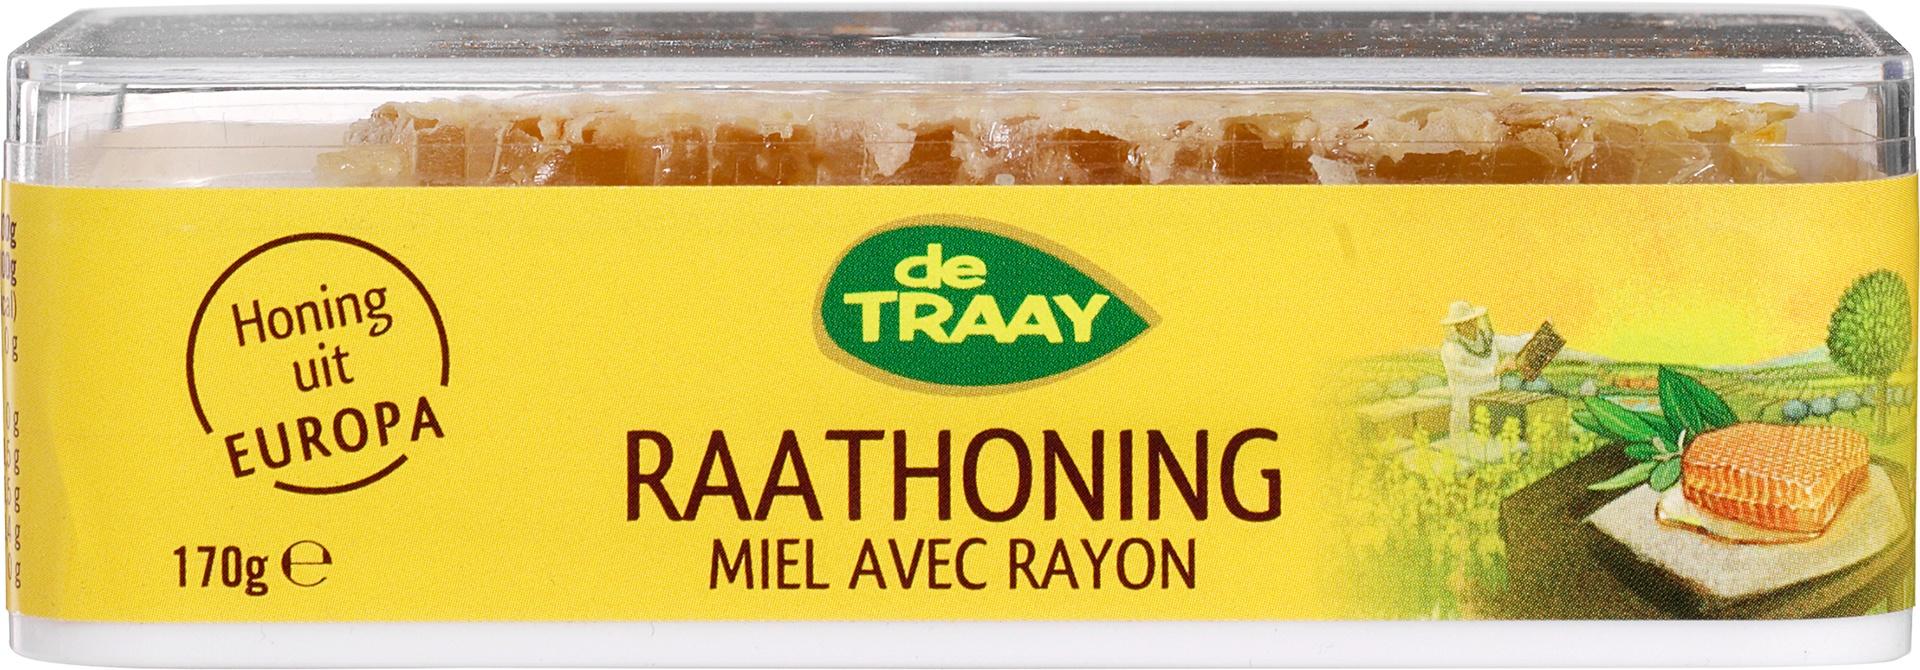 Biologische De Traay Raathoning 170 gr